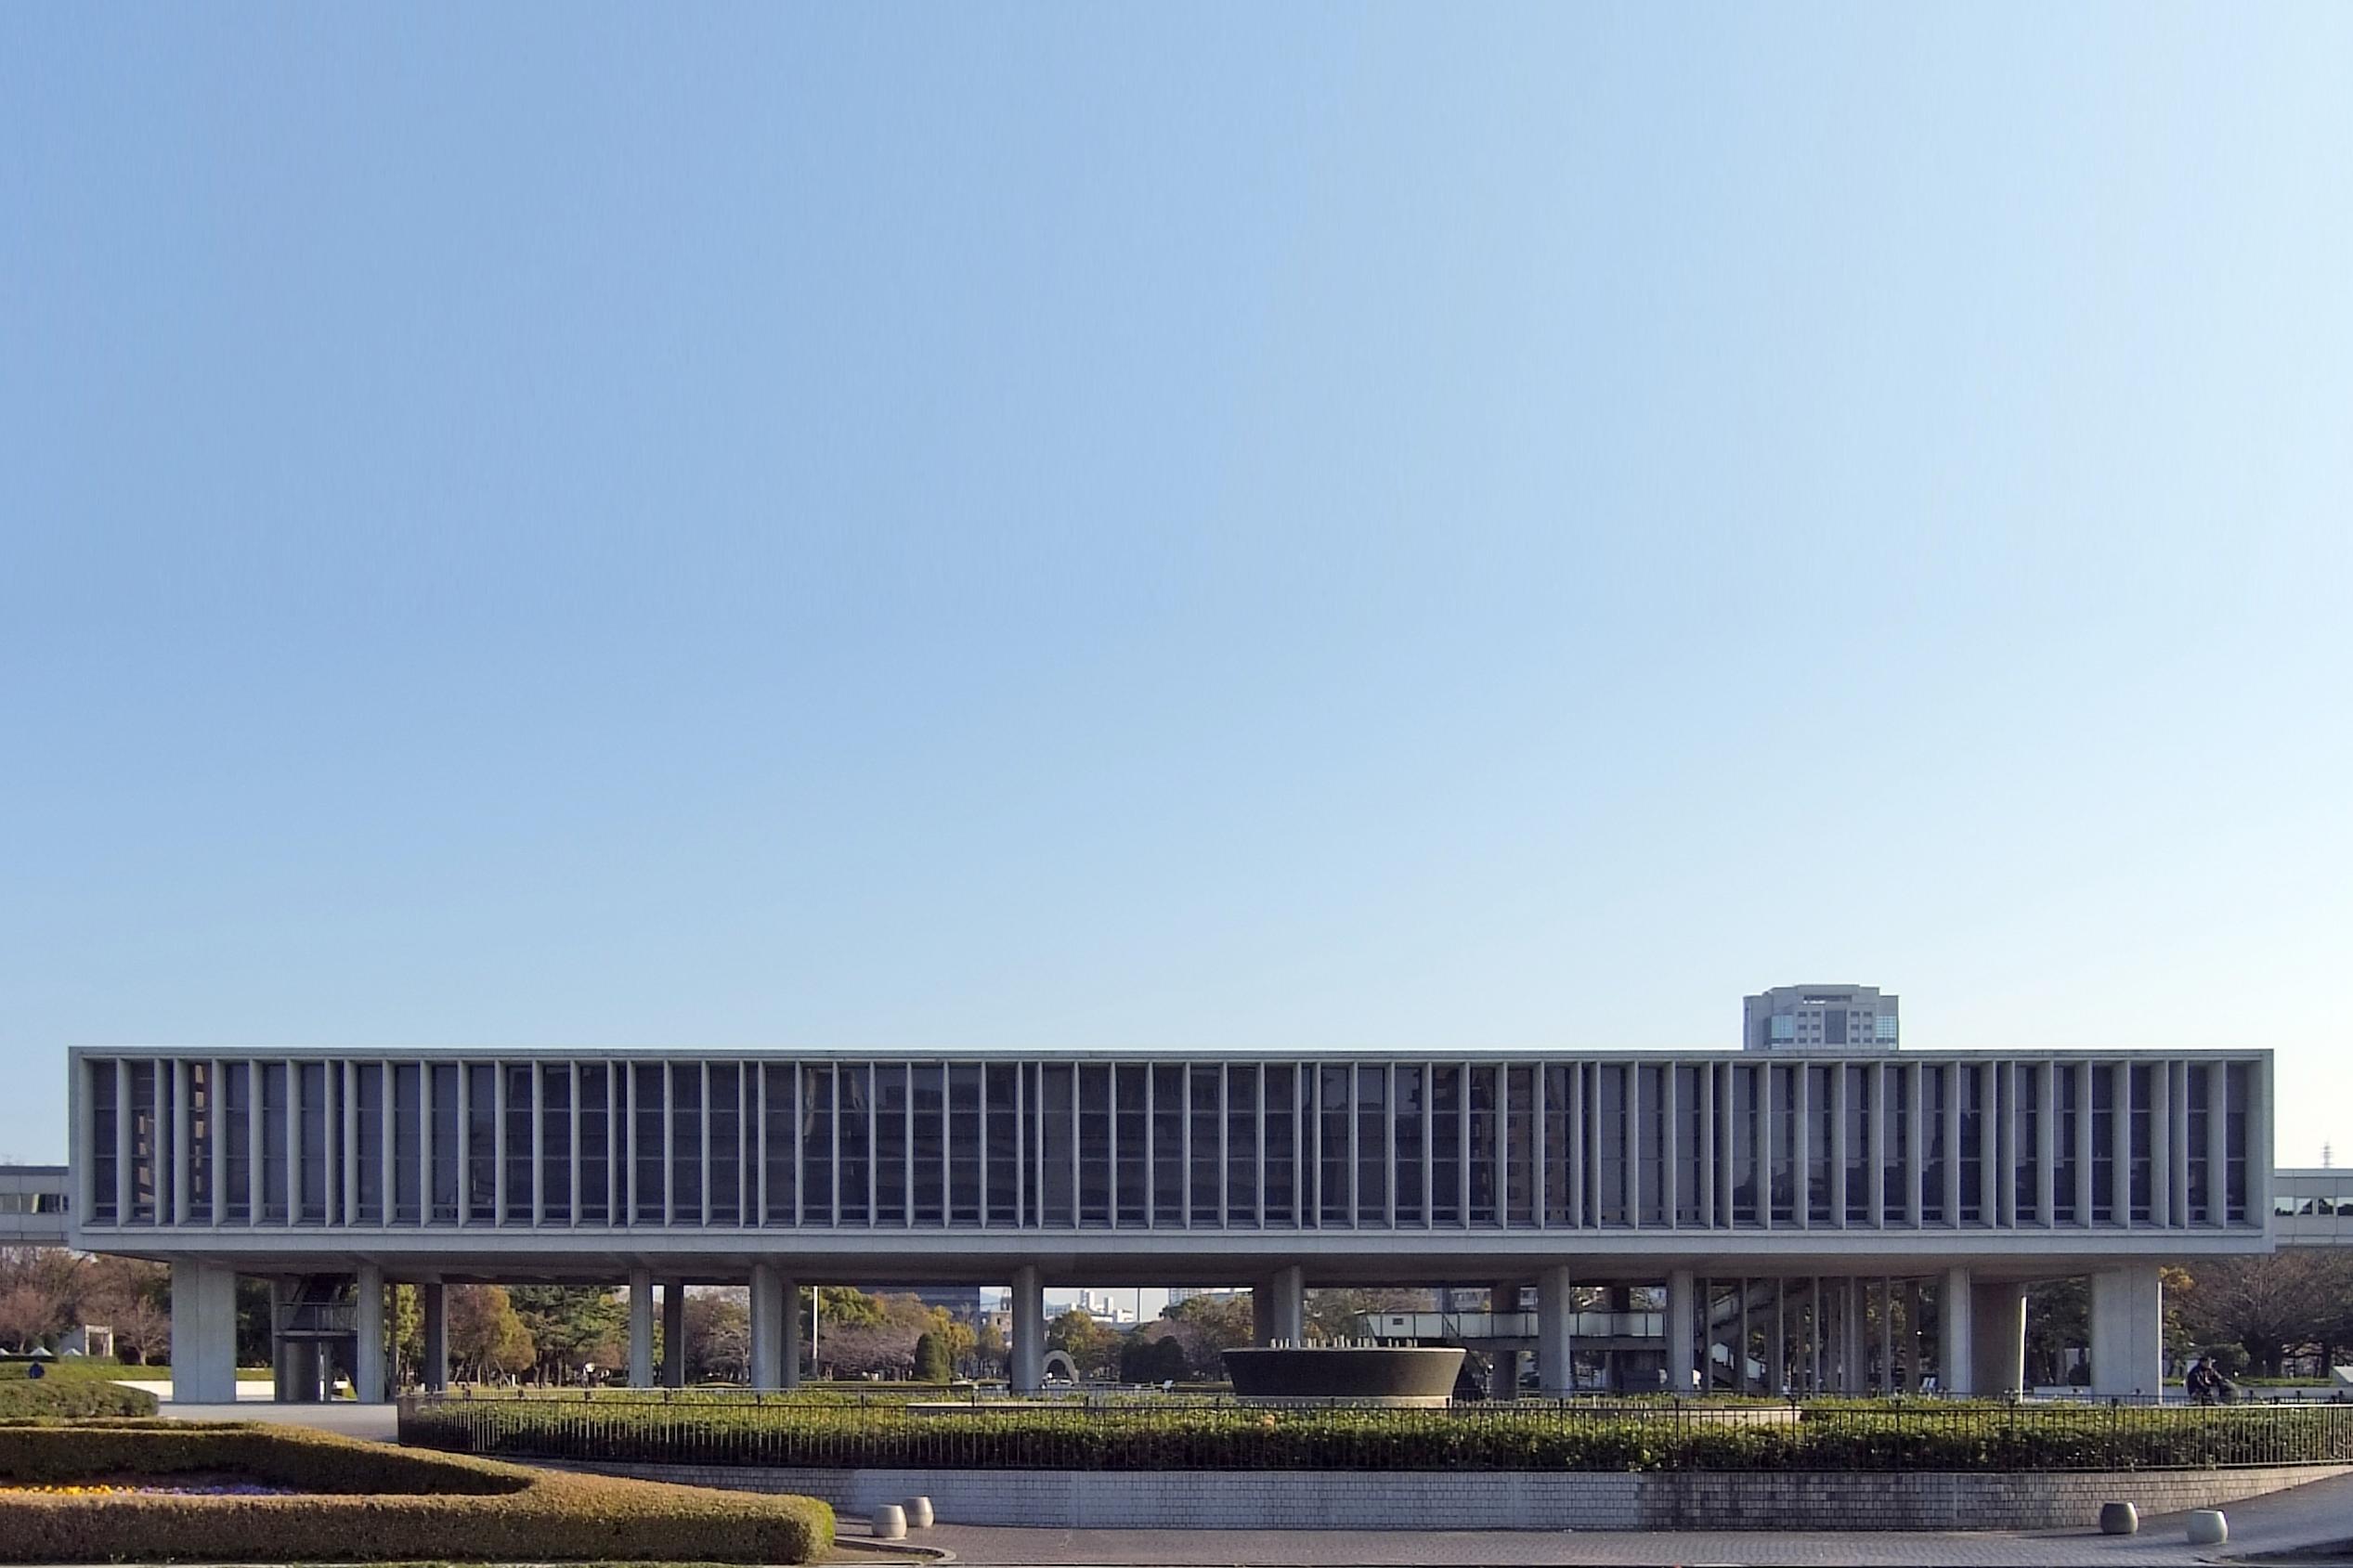 广岛和平纪念公园与资料馆